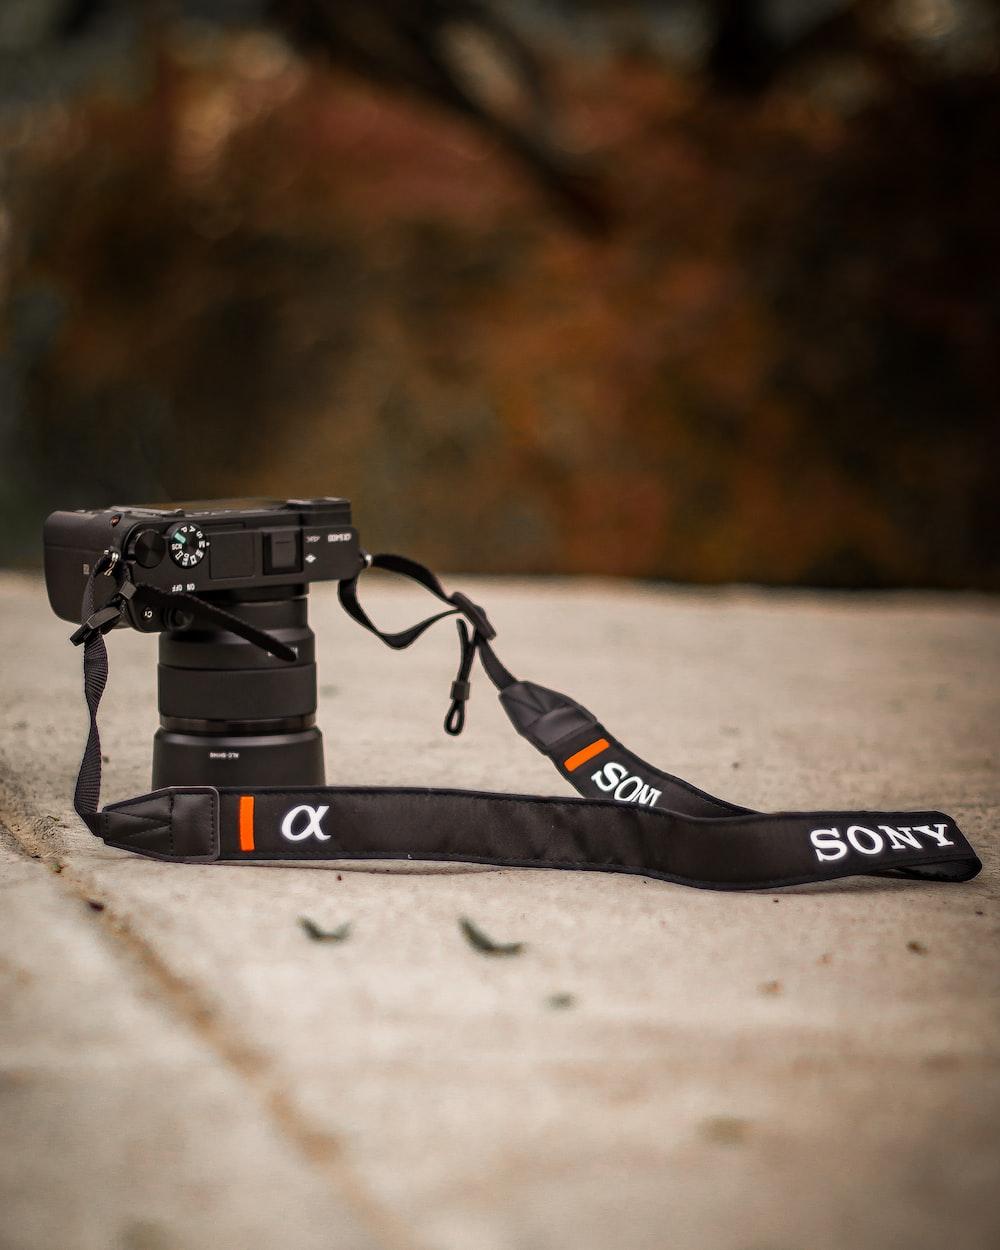 black nikon dslr camera on gray concrete floor